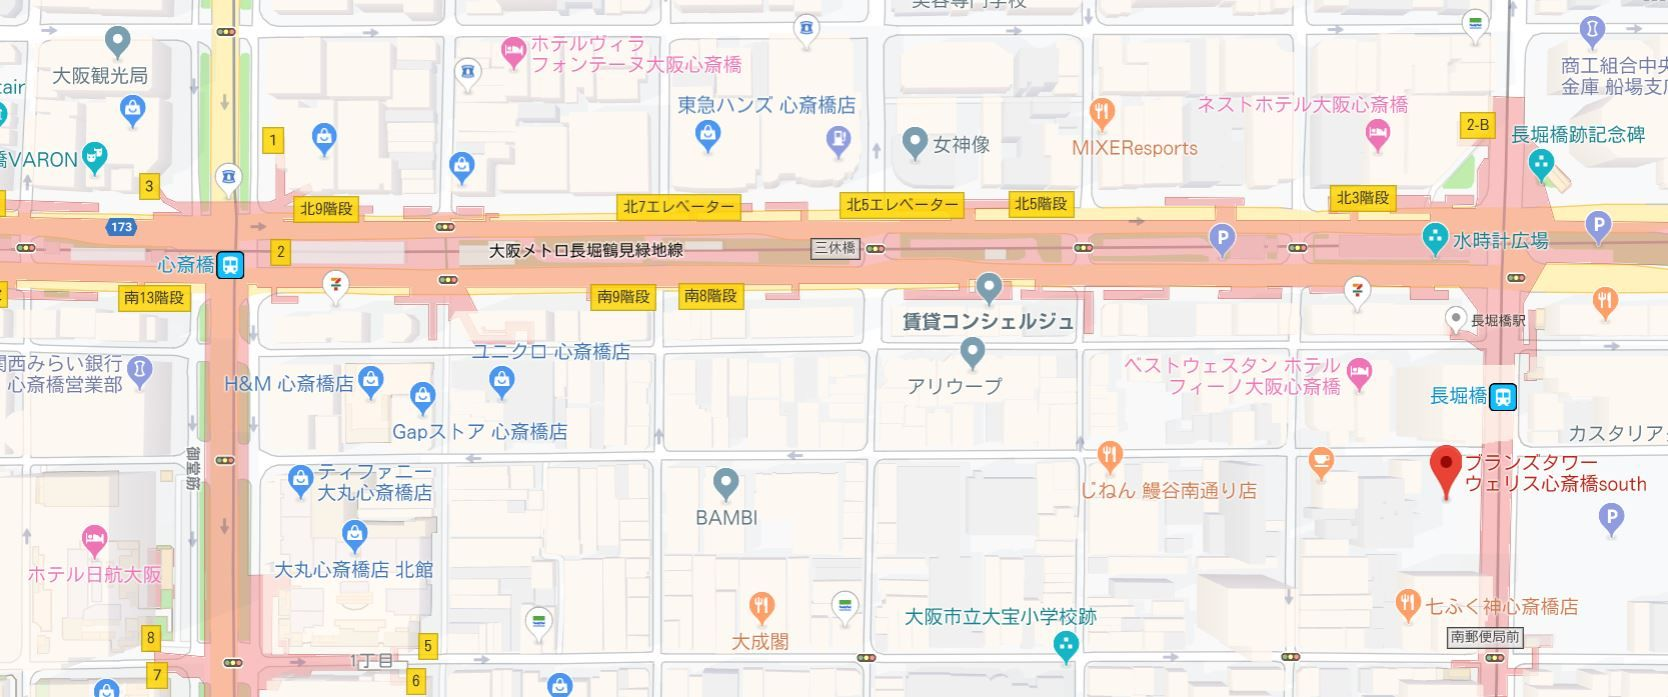 ブランズタワー・ウェリス心斎橋地図